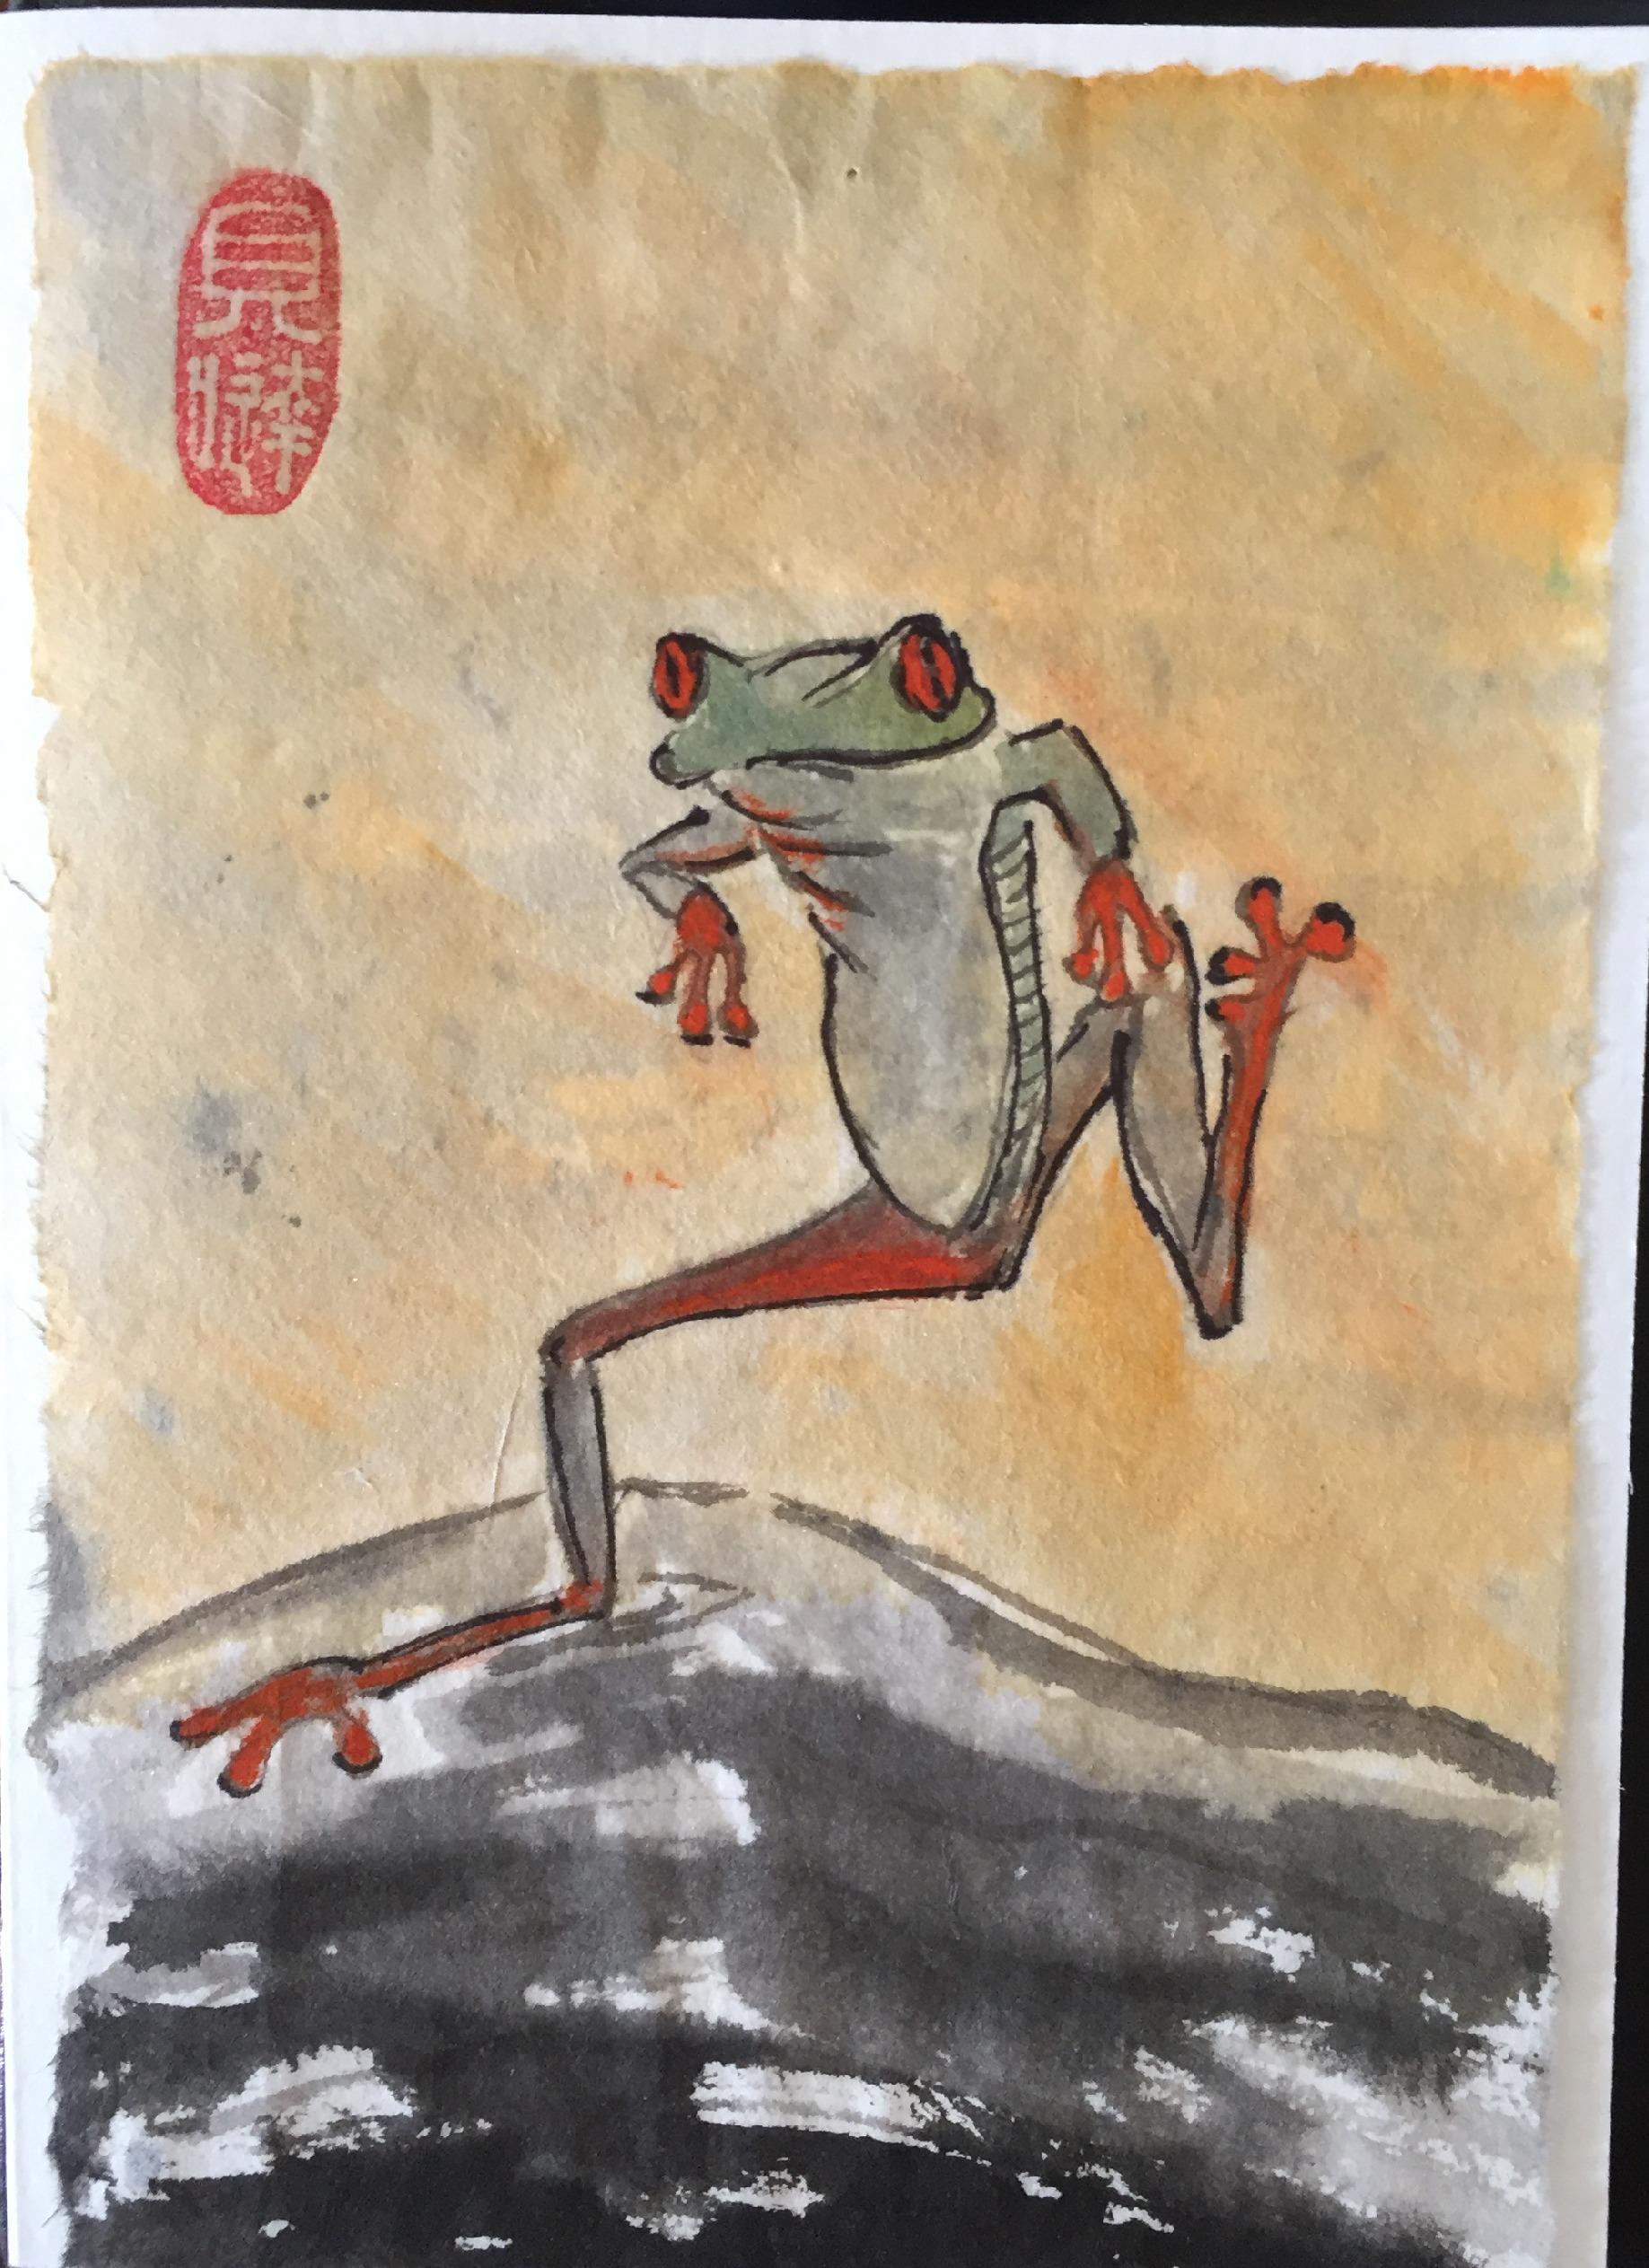 P/D 4